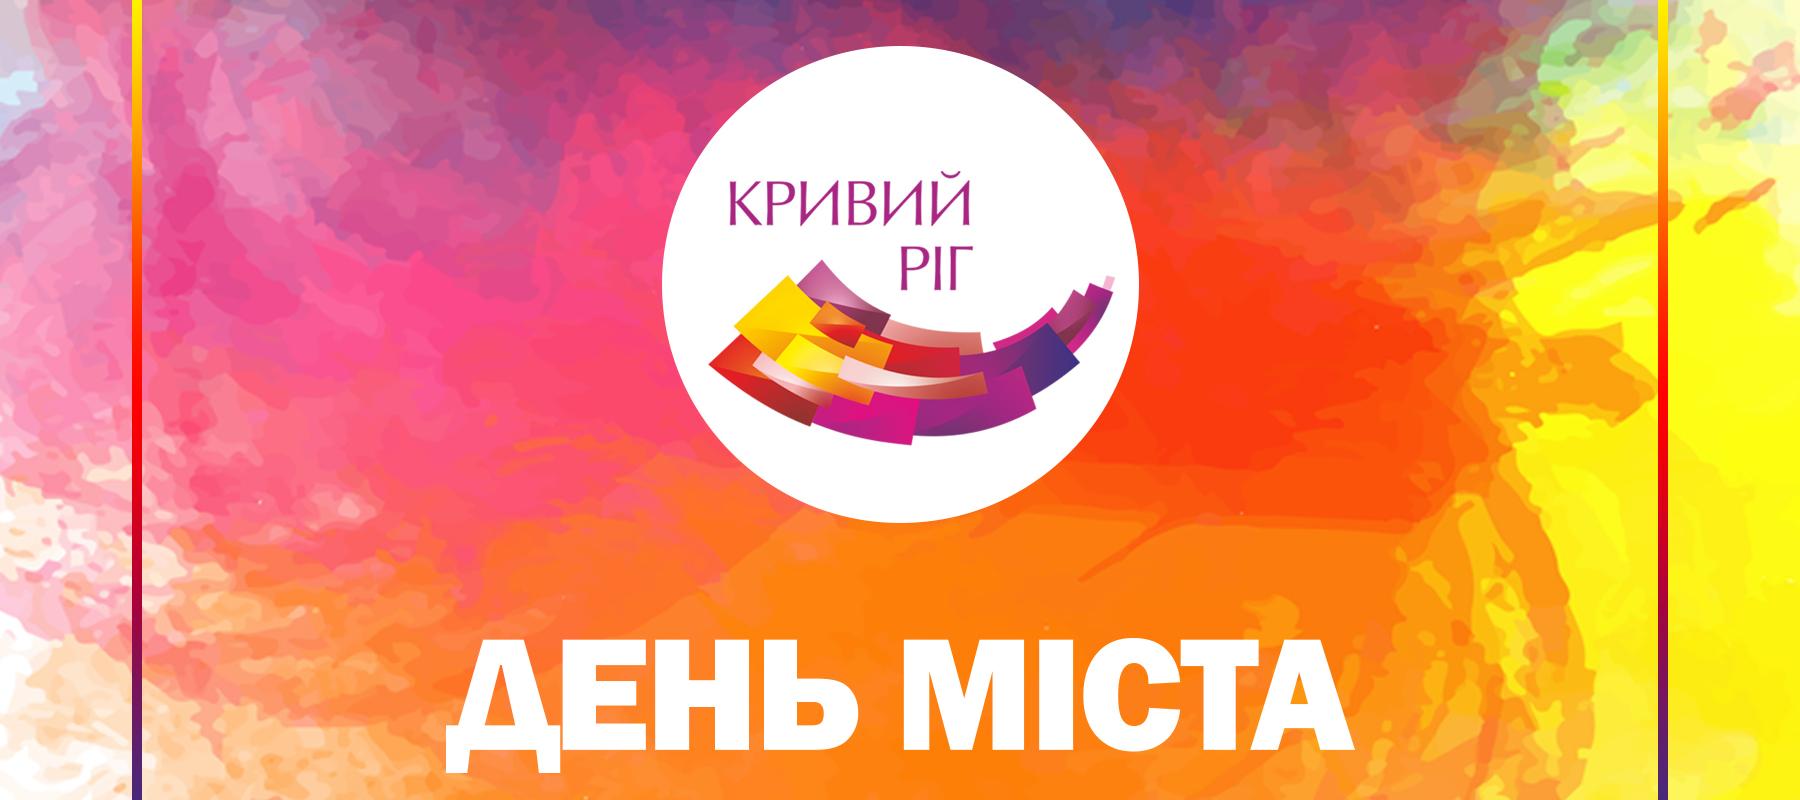 День города Кривой Рог 2018